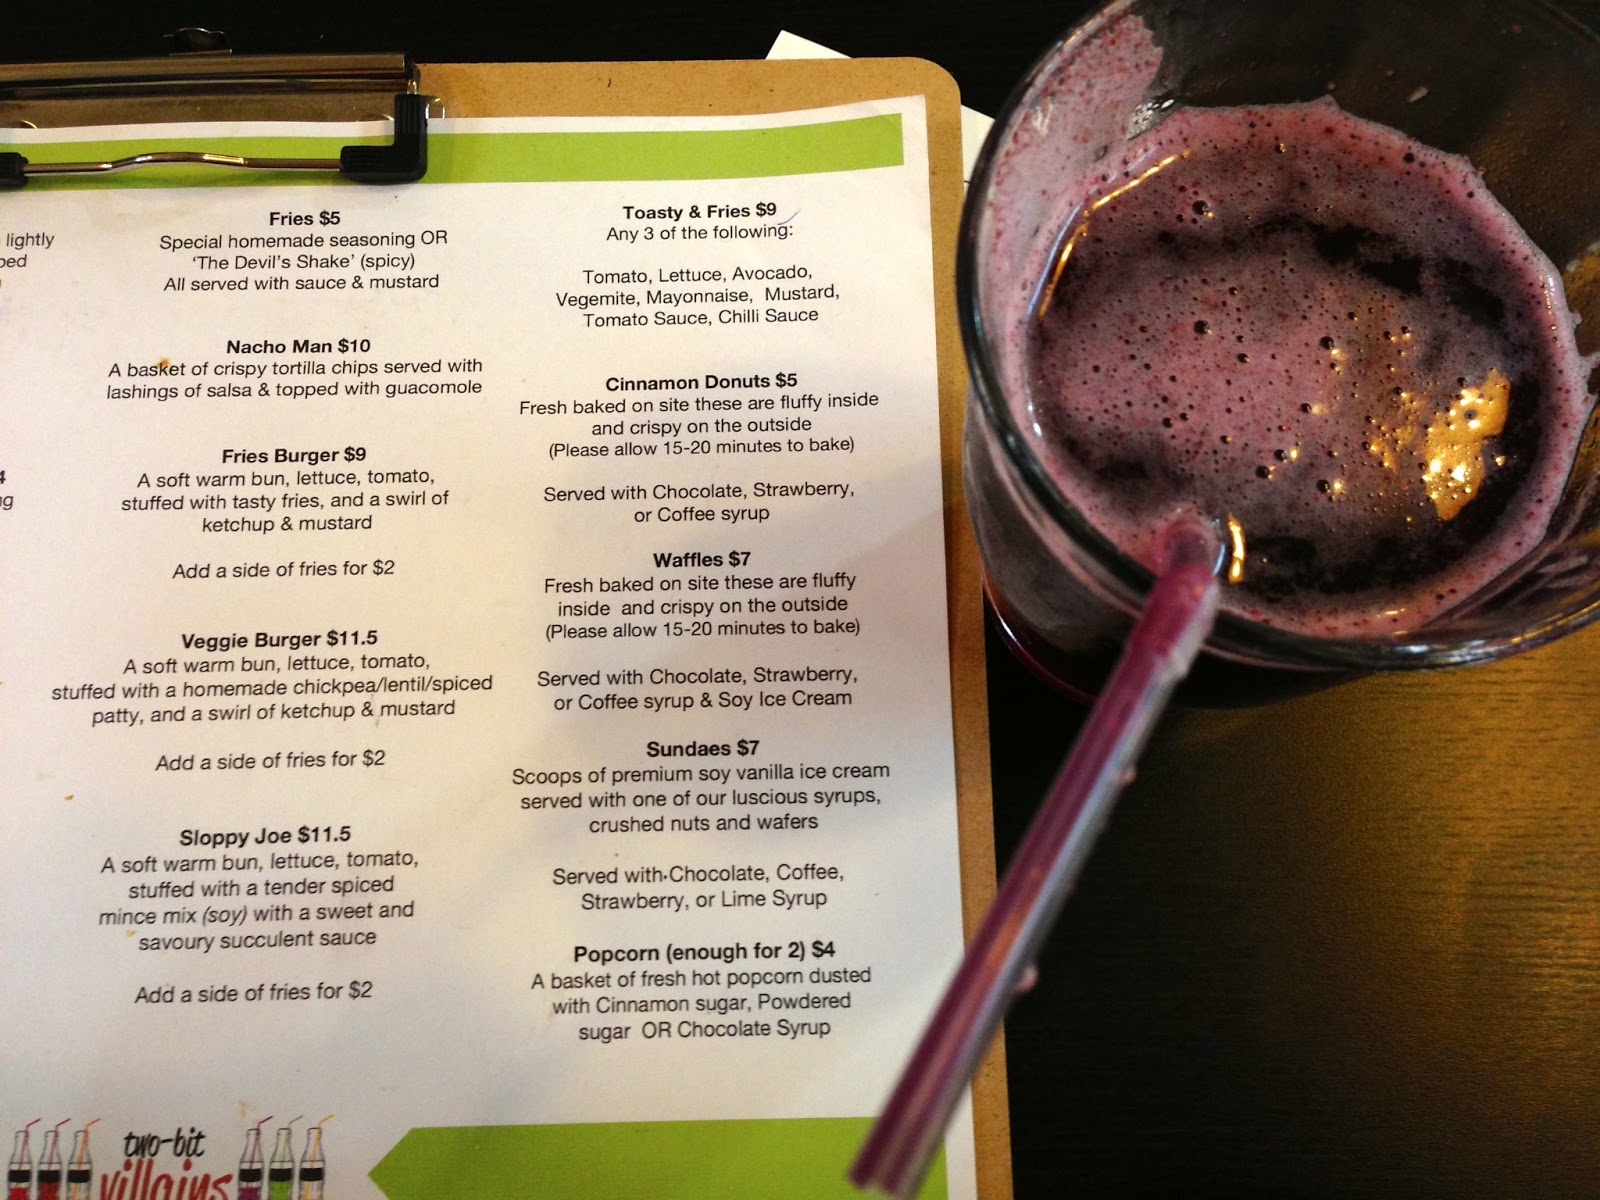 Vegan menu - Two-Bit Villains, Adelaide